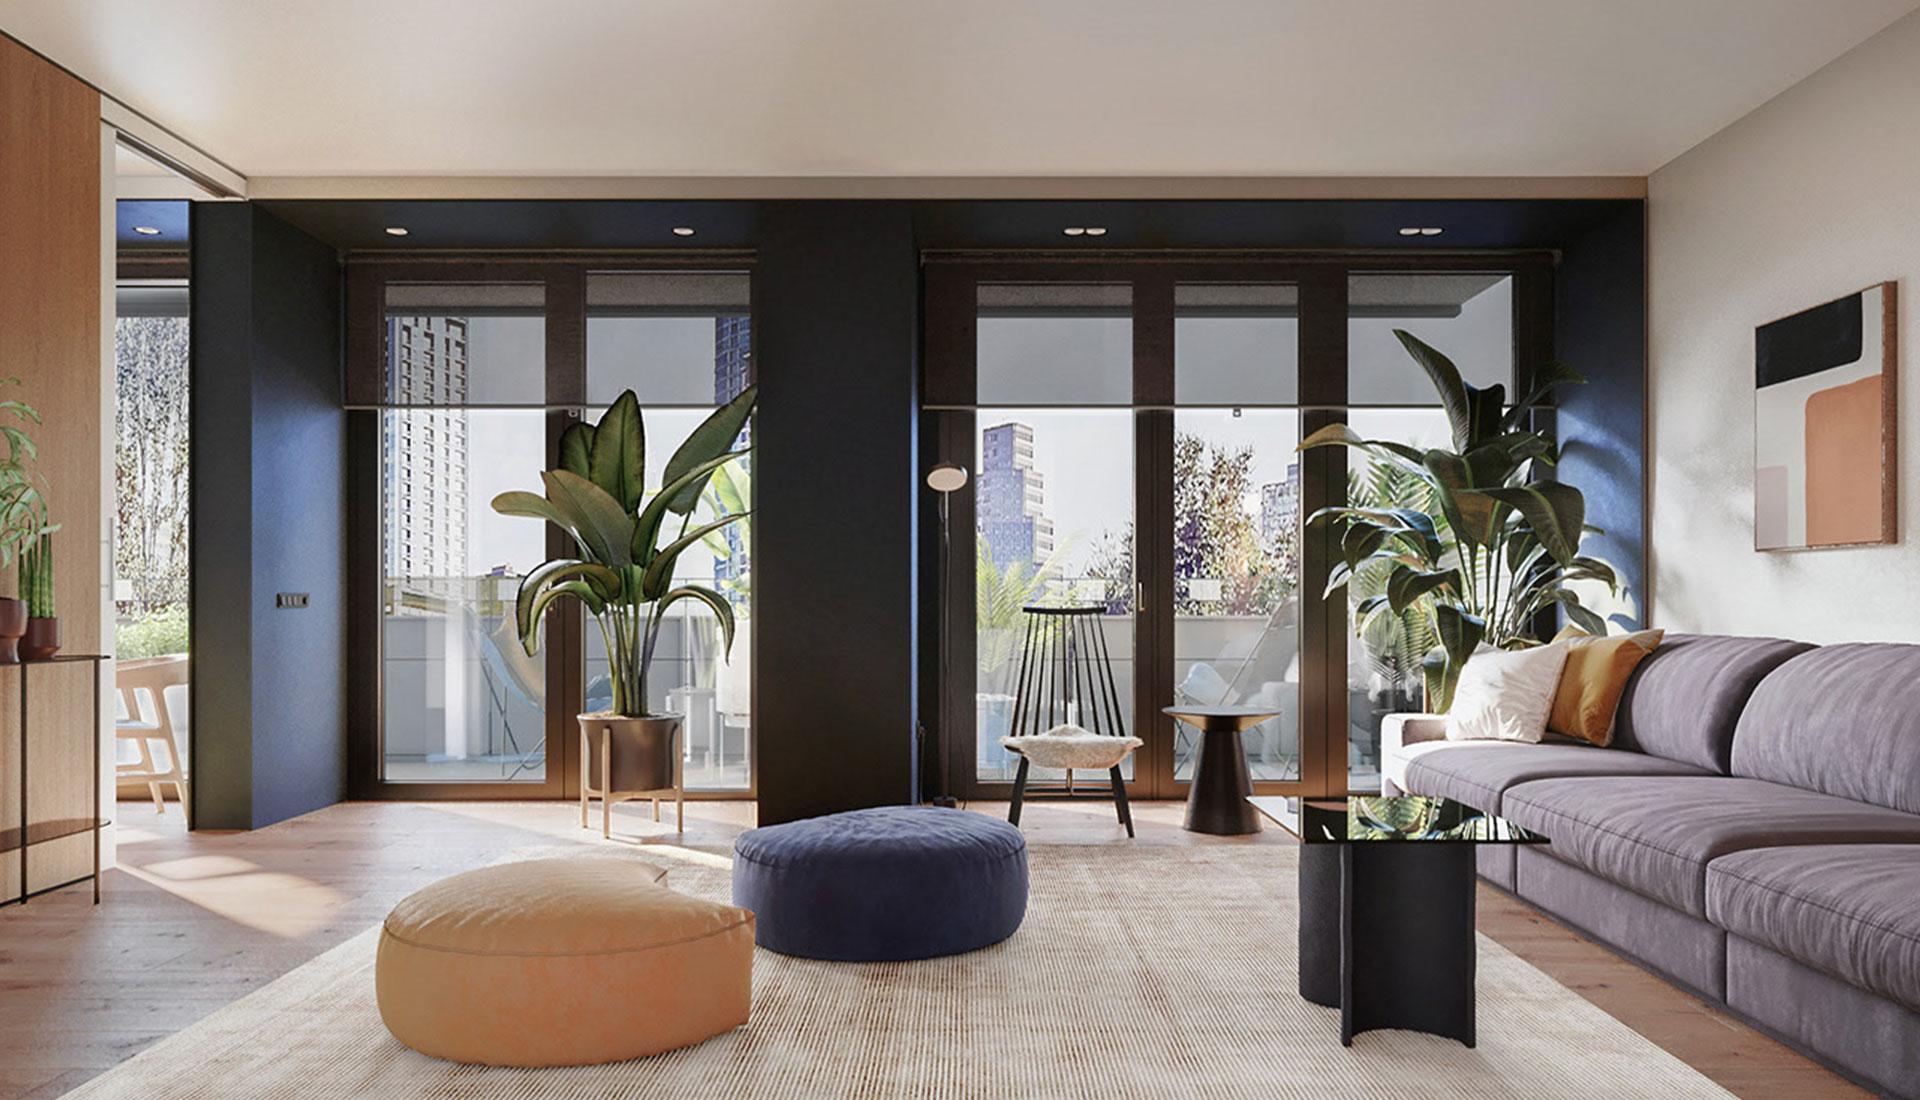 Перепланировка квартиры в Барселоне по проекту YLAB Arquitectos •  Интерьер+Дизайн